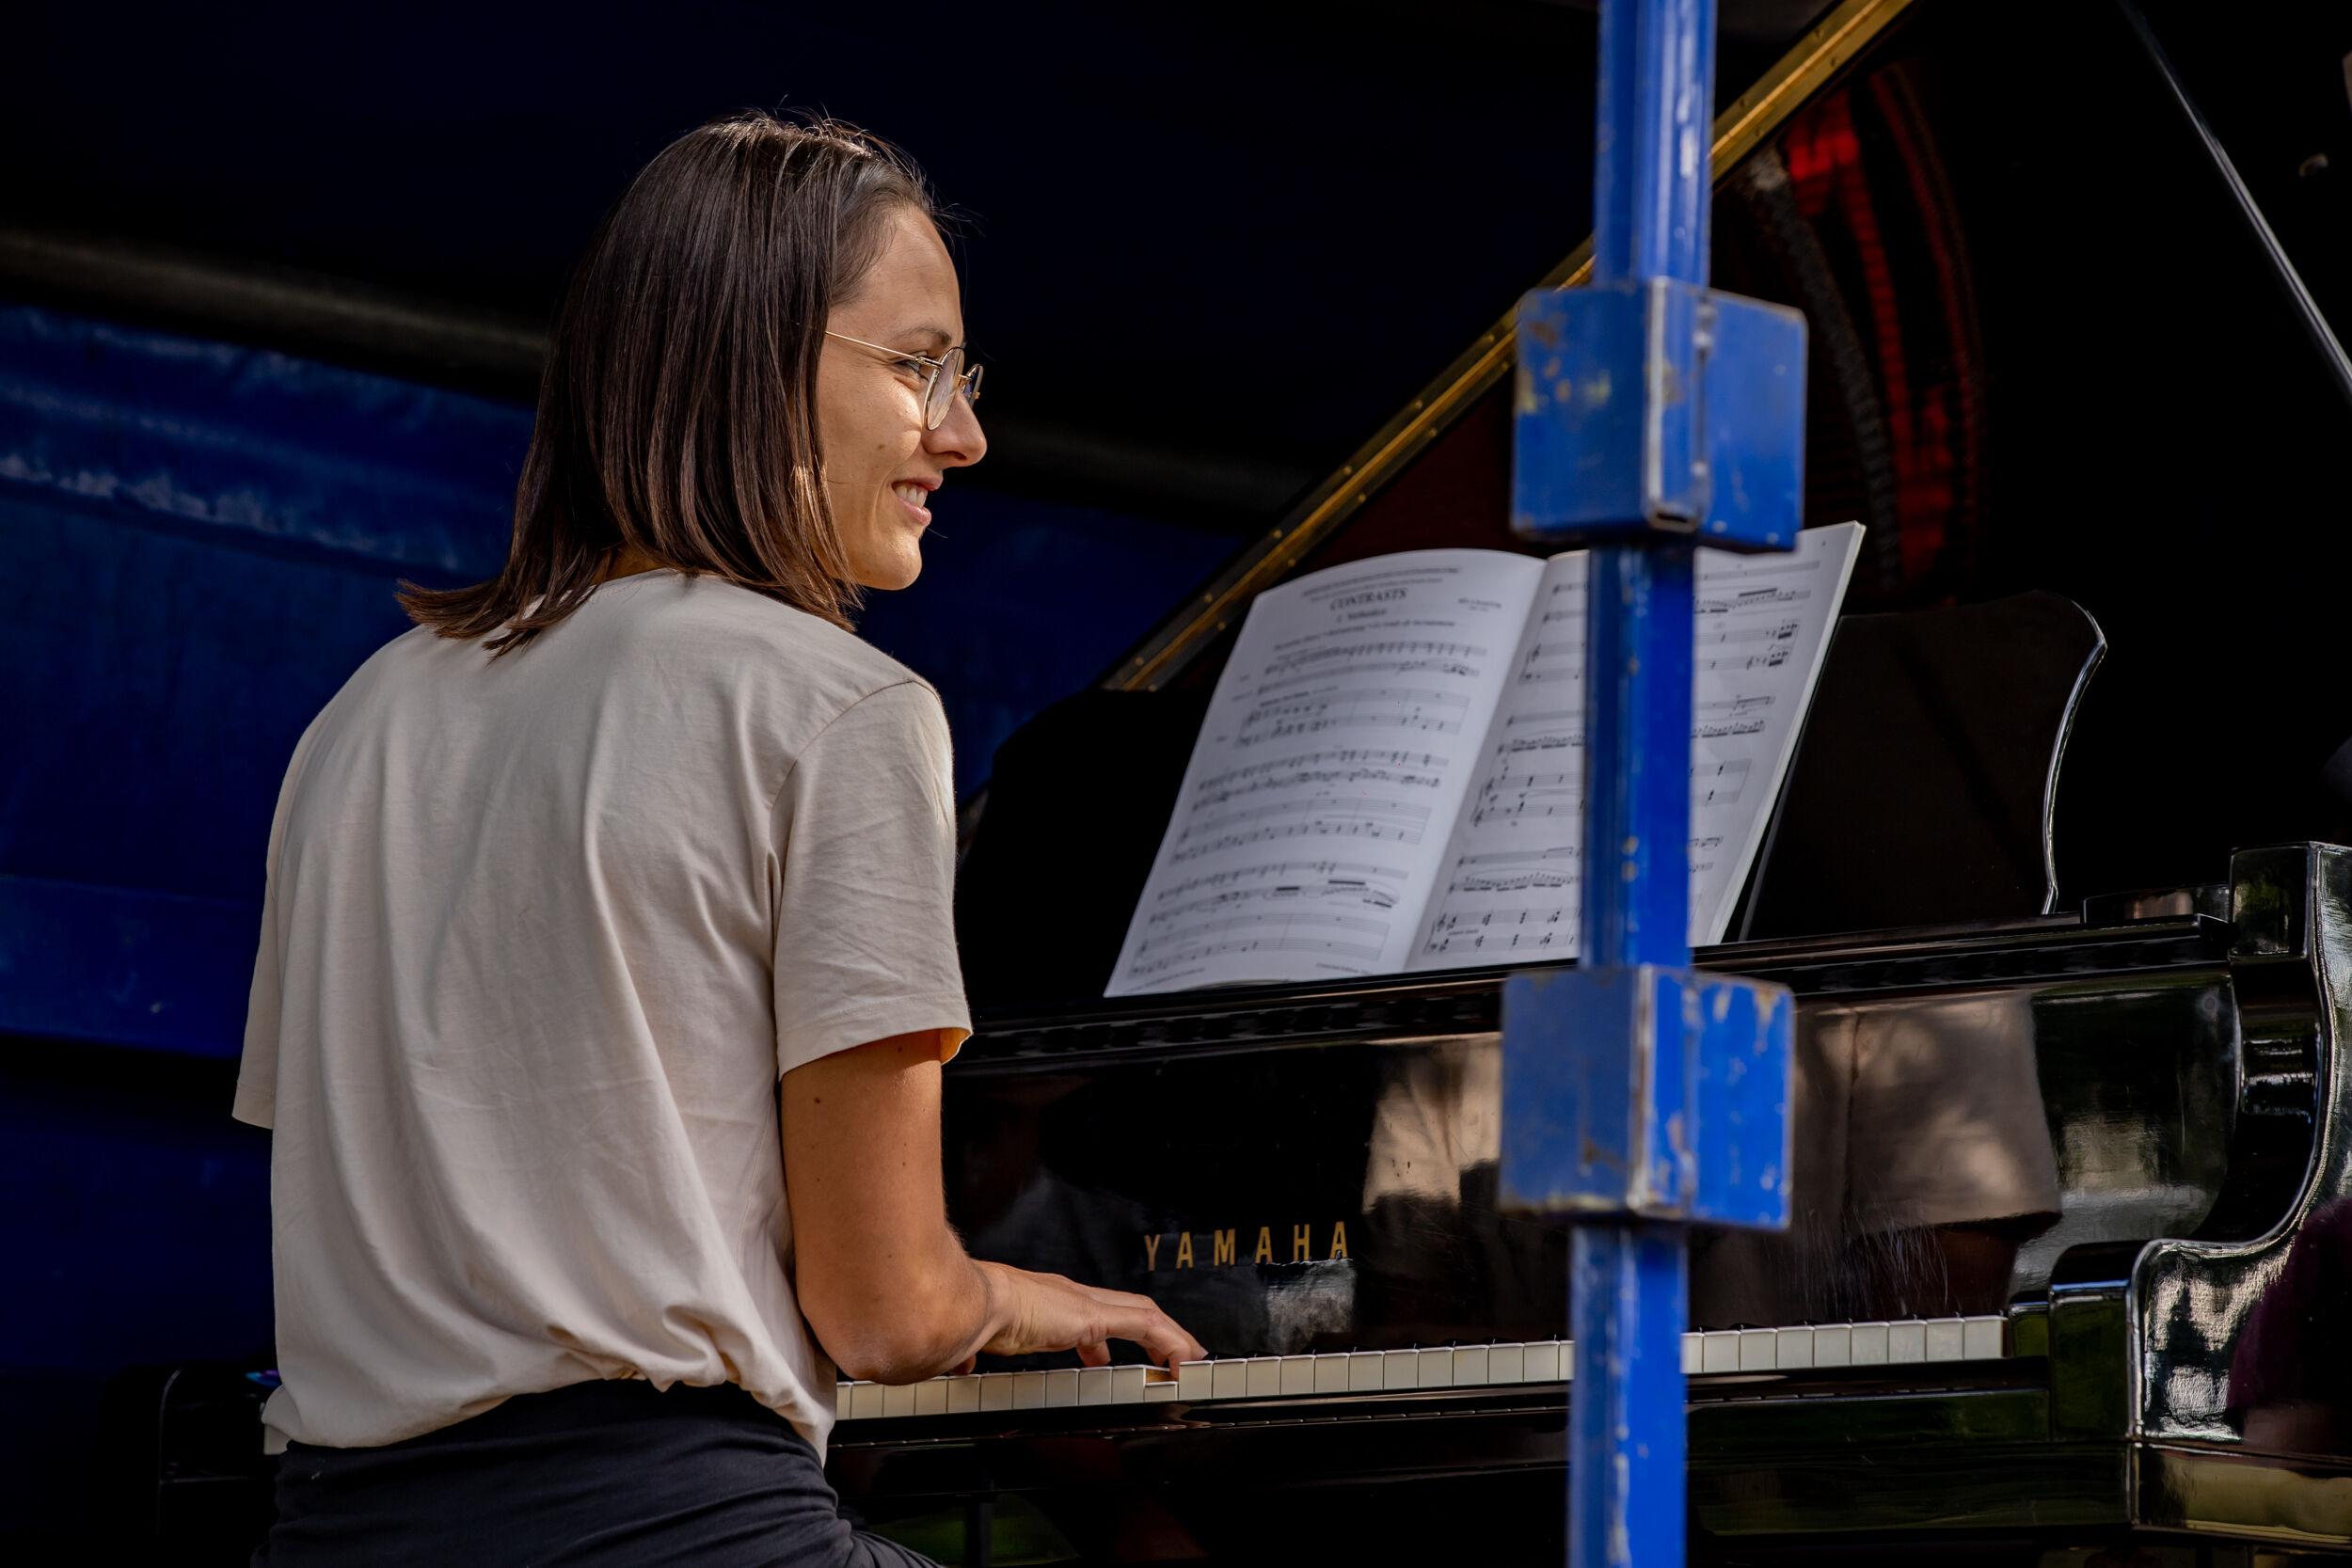 Der Blaue Eumel - 11.07.2020 - Umweltstation Wuerzburg - by Dita Vollmond